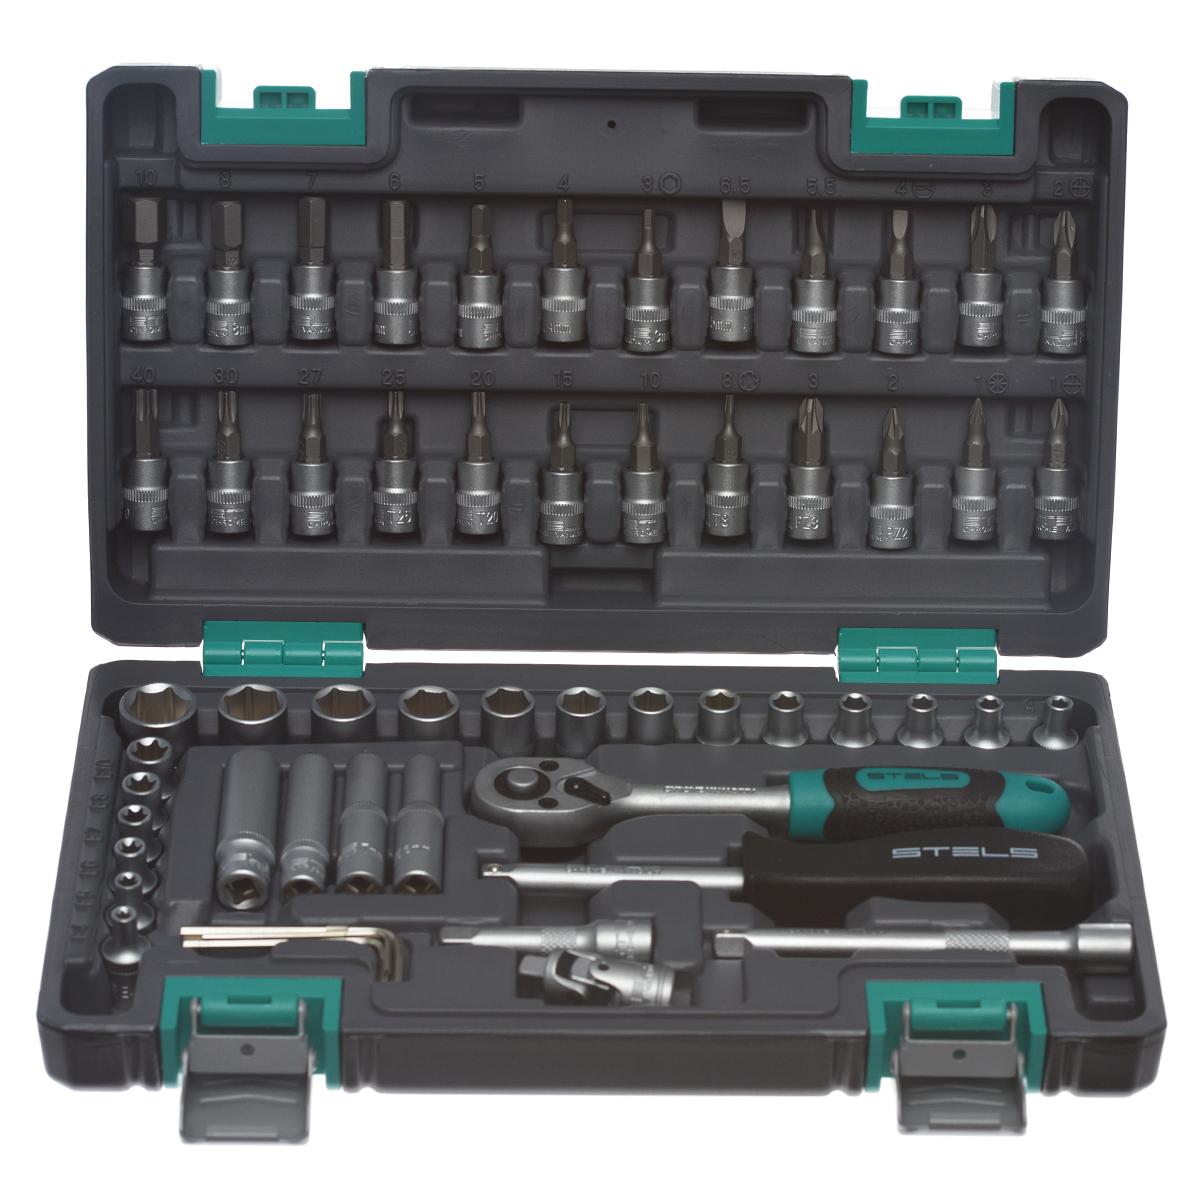 Набор инструментов Stels, 57 предметов14101Набор инструментов торговой марки Stels разработан специально для автолюбителей и центров технического обслуживания. Каждый этап производства контролируется в соответствии с международными стандартами. Головки и комбинированные ключи изготовлены из хромованадиевой стали, придающей инструменту исключительную твердость в сочетании с легкостью. Набор упакован в кейс, изготовленный из жесткого противоударного пластика. Состав набора: Ключ трещоточный 1/4. Головки торцевые 1/4: 4 мм, 4,5 мм, 5 мм, 5,5 мм, 6 мм, 7 мм, 8 мм, 9 мм, 10 мм, 11 мм, 12 мм, 13 мм, 14 мм. Головки торцевые 1/4, удлиненные: 6 мм, 7 мм, 8 мм, 10 мм. Кардан шарнирный 1/4. Удлинители 1/4: 50 мм, 100 мм. Отвертка-битодержатель 1/4. Ключи шестигранные: 1,5 мм, 2 мм, 2,5 мм, 3 мм. Головки торцевые 1/4 со вставкой: Т8, Т10, Т15, Т20, Т25, Т27, Т30, Т40, E4, E5, E6, E7, E8, E10, PH1, PH2, PH3, PZ1, PZ2, PZ3, H3, H4, H5, H6, H7, H8, H10, SL4, SL5,5, SL6,5.